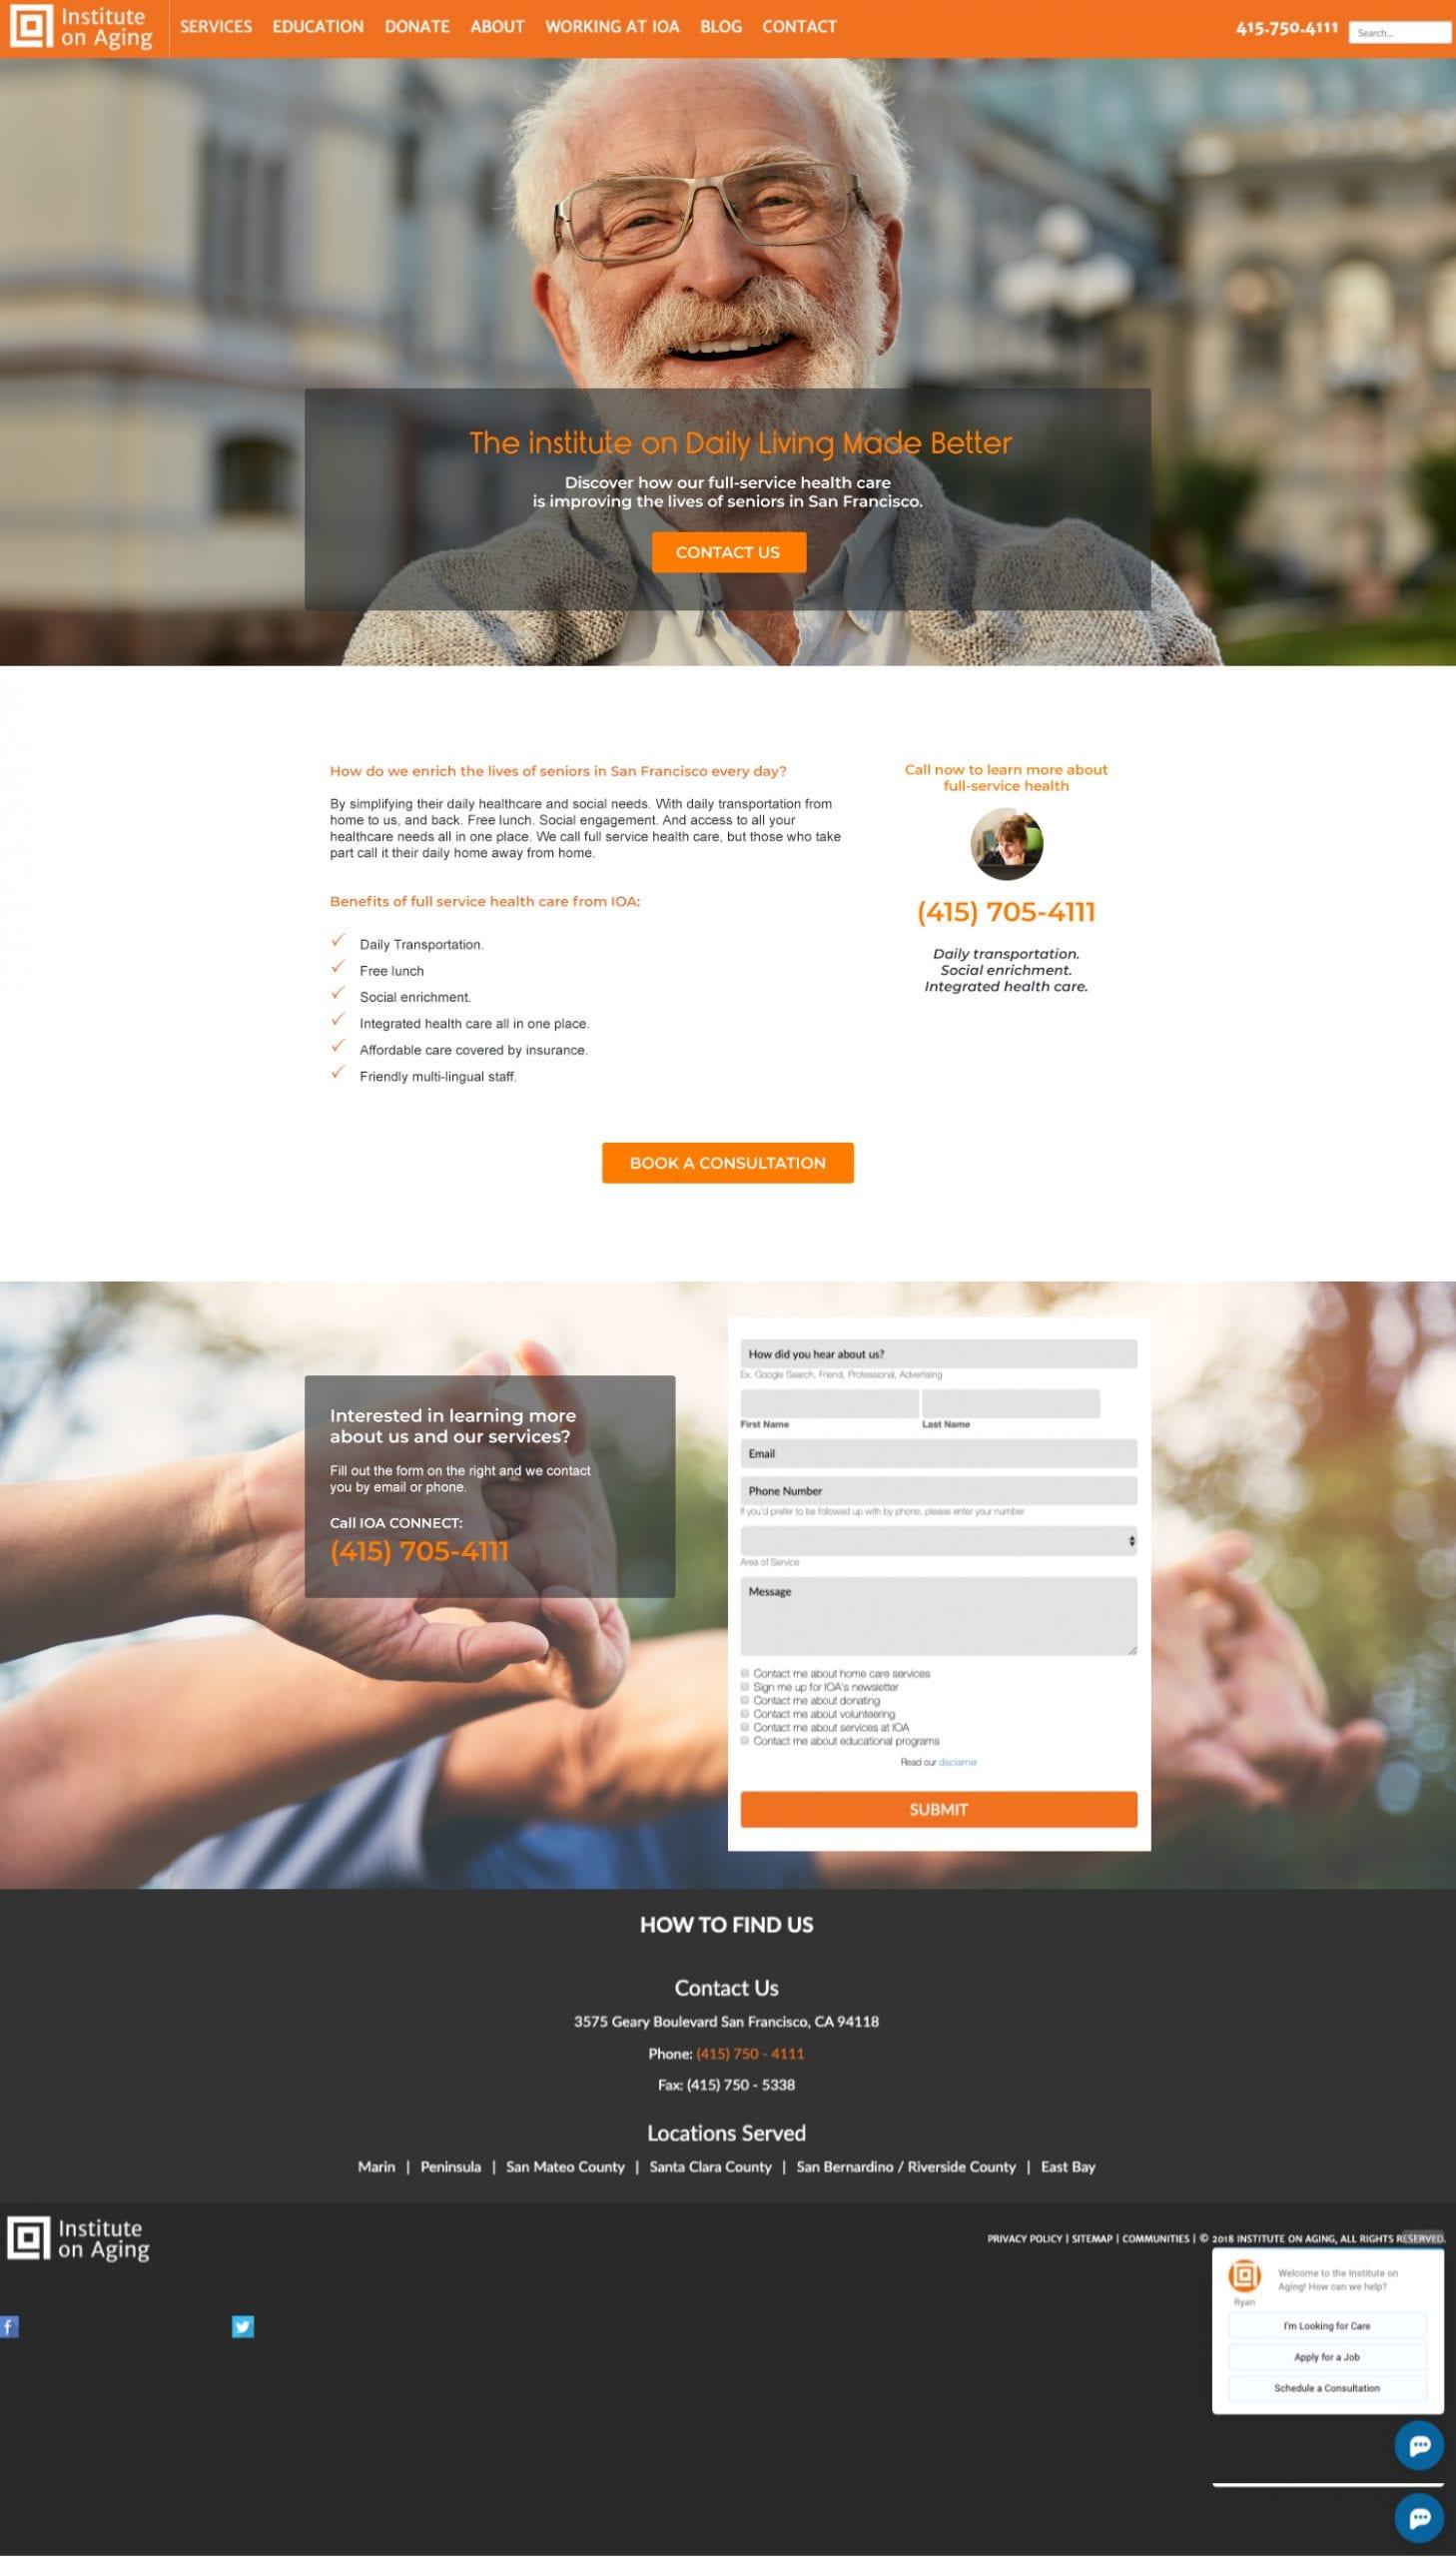 web-page-mock-1500-x-2634px-v2-2